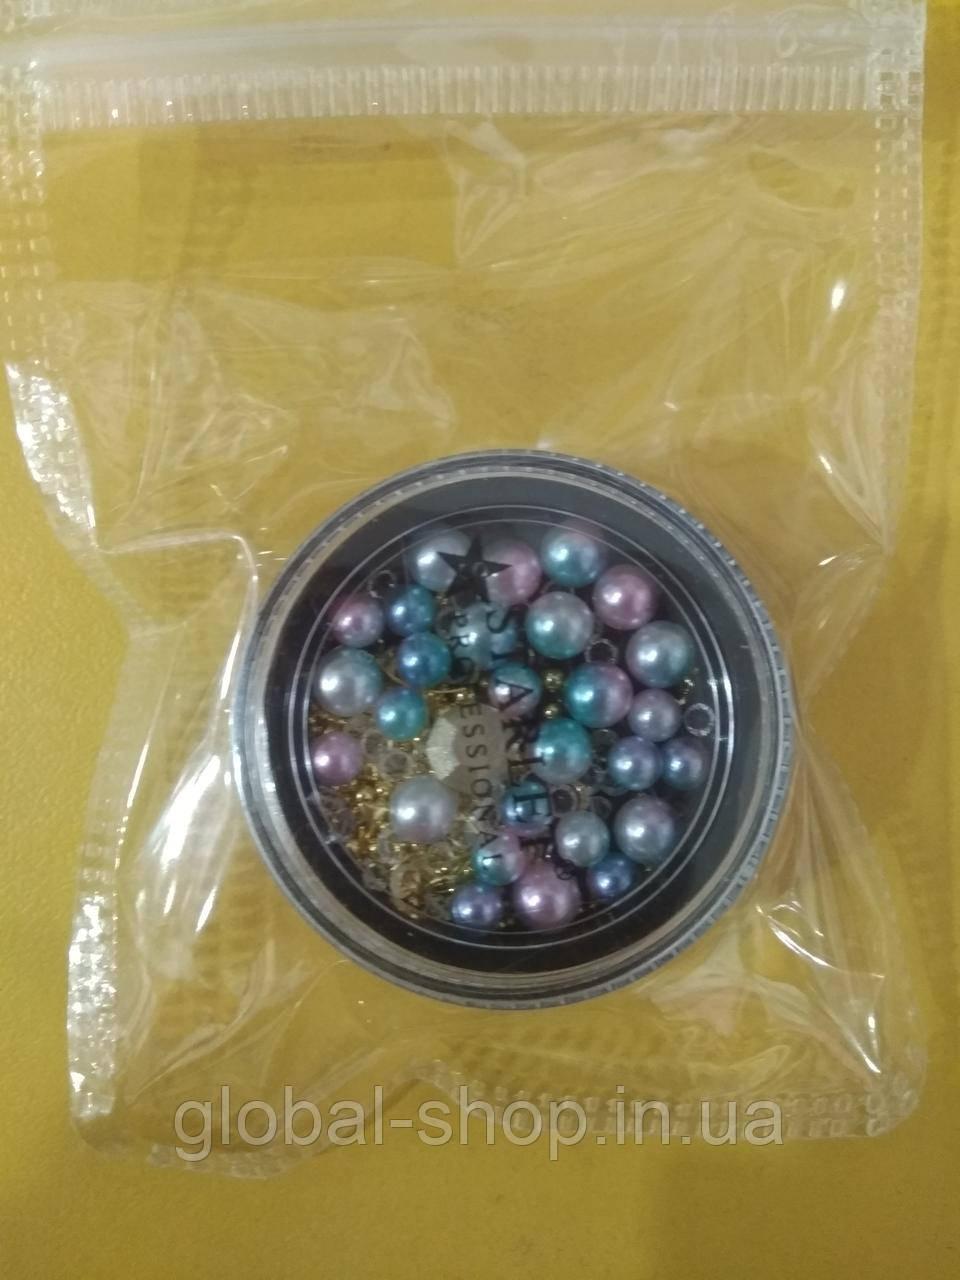 Микс бусинки кристаллики для дизайна ногтей в баночке